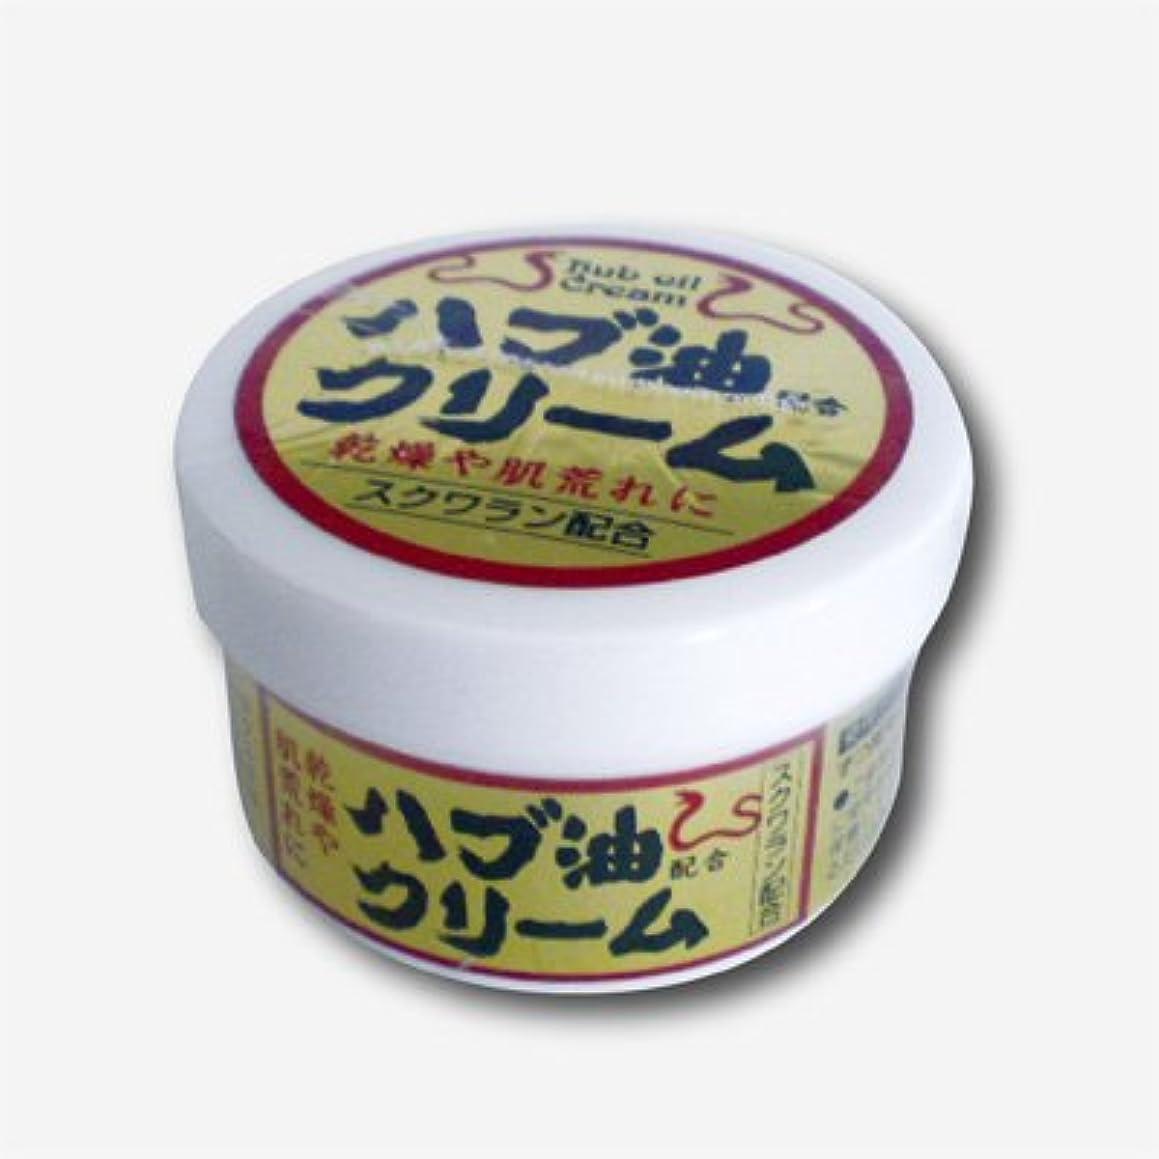 委員会困惑露出度の高いハブ油配合クリーム 1個【1個?50g】